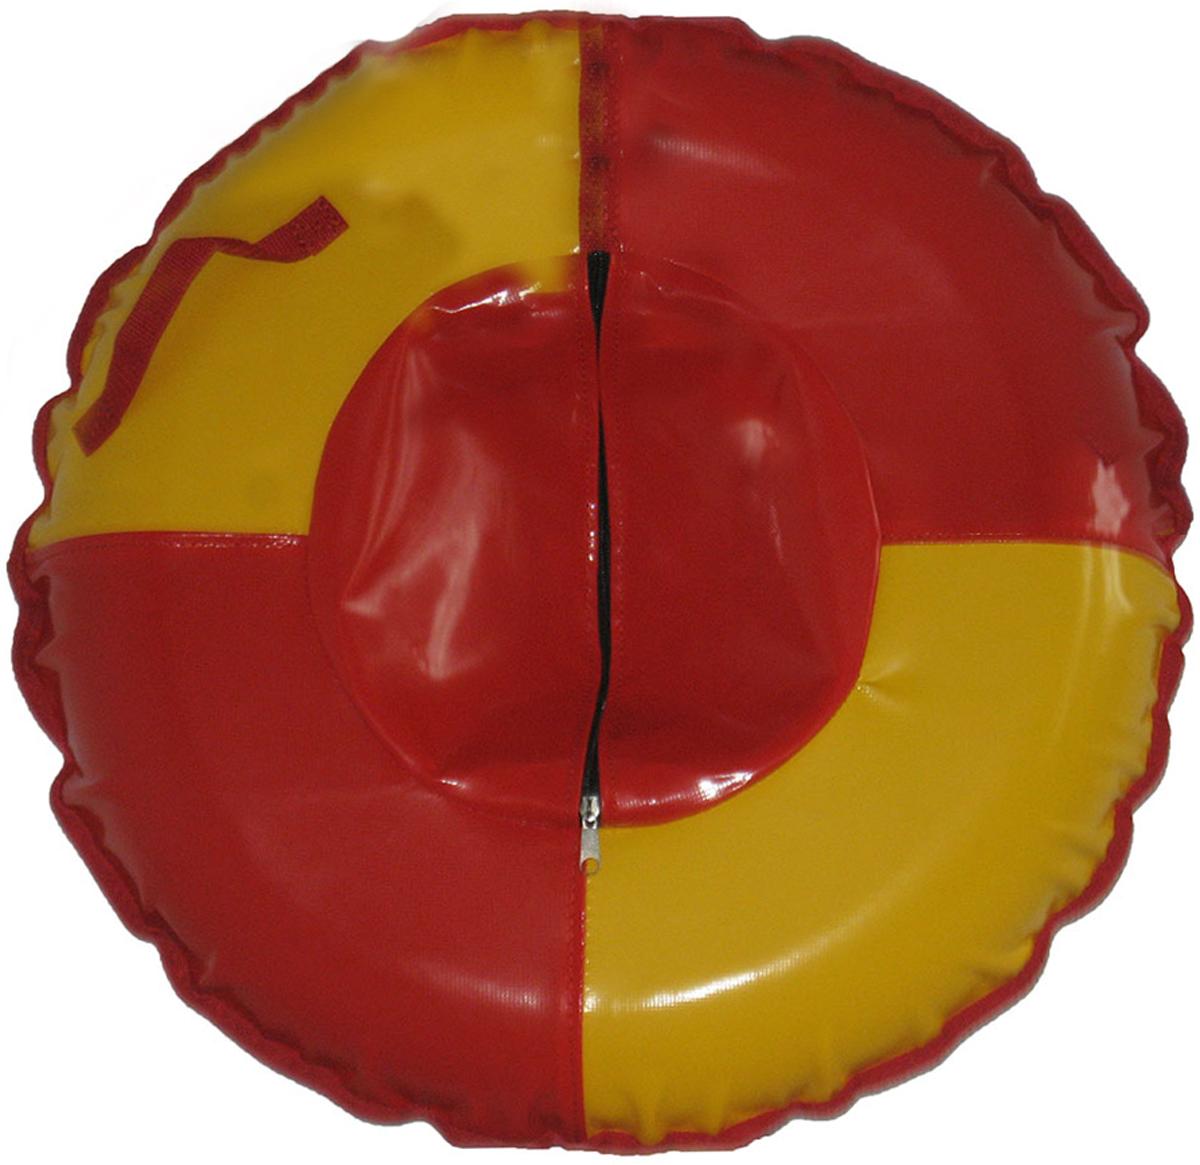 Тюбинг FormulaZima Вихрь, цвет: красный, желтый, диаметр 80 смТ57223Не убиваемый детский тюбинг для катания со снежных горок, выполненный полностью из прочного ПВХ — это модель «Вихрь 80».Зимние игры на свежем воздухе. Статья OZON Гид